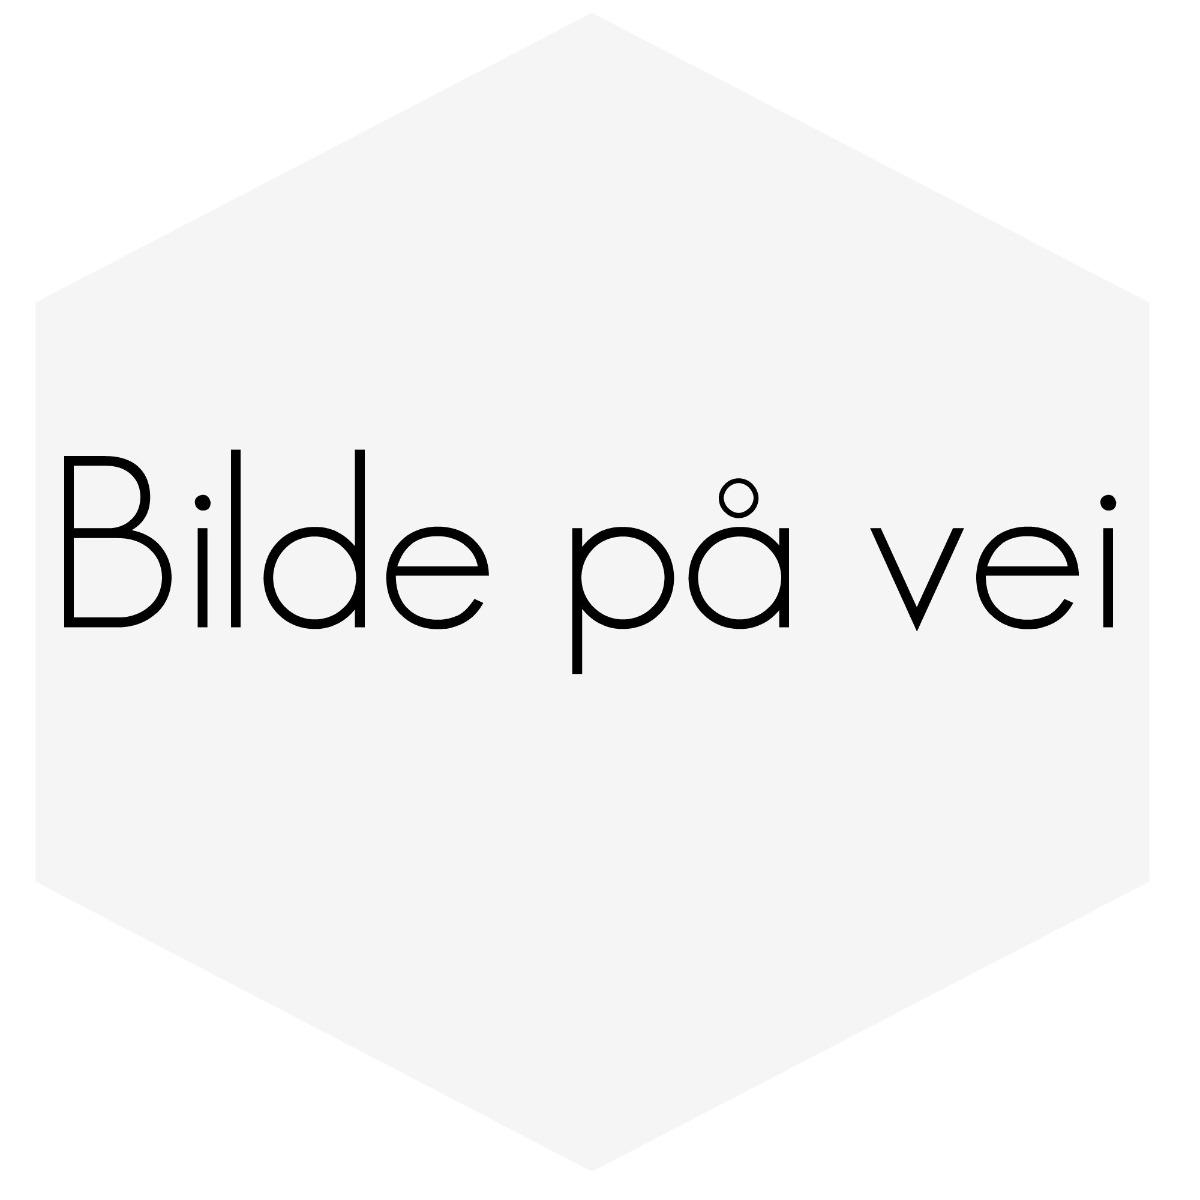 SIDEMARKERINGSLAMPE S/V40 HØYRE FOR OG VENSTRE BAK 30652045